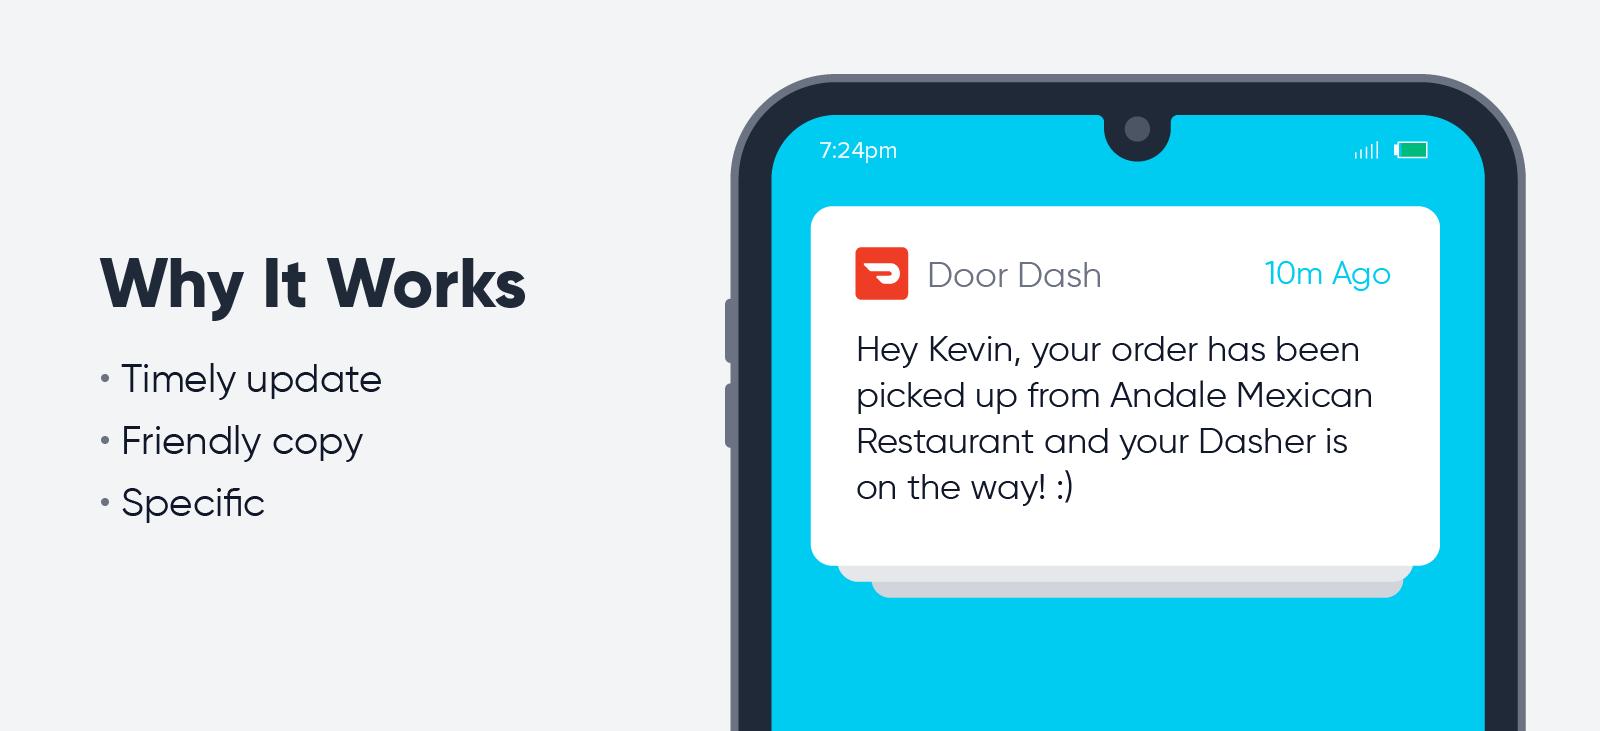 DoorDash - push notification best practices